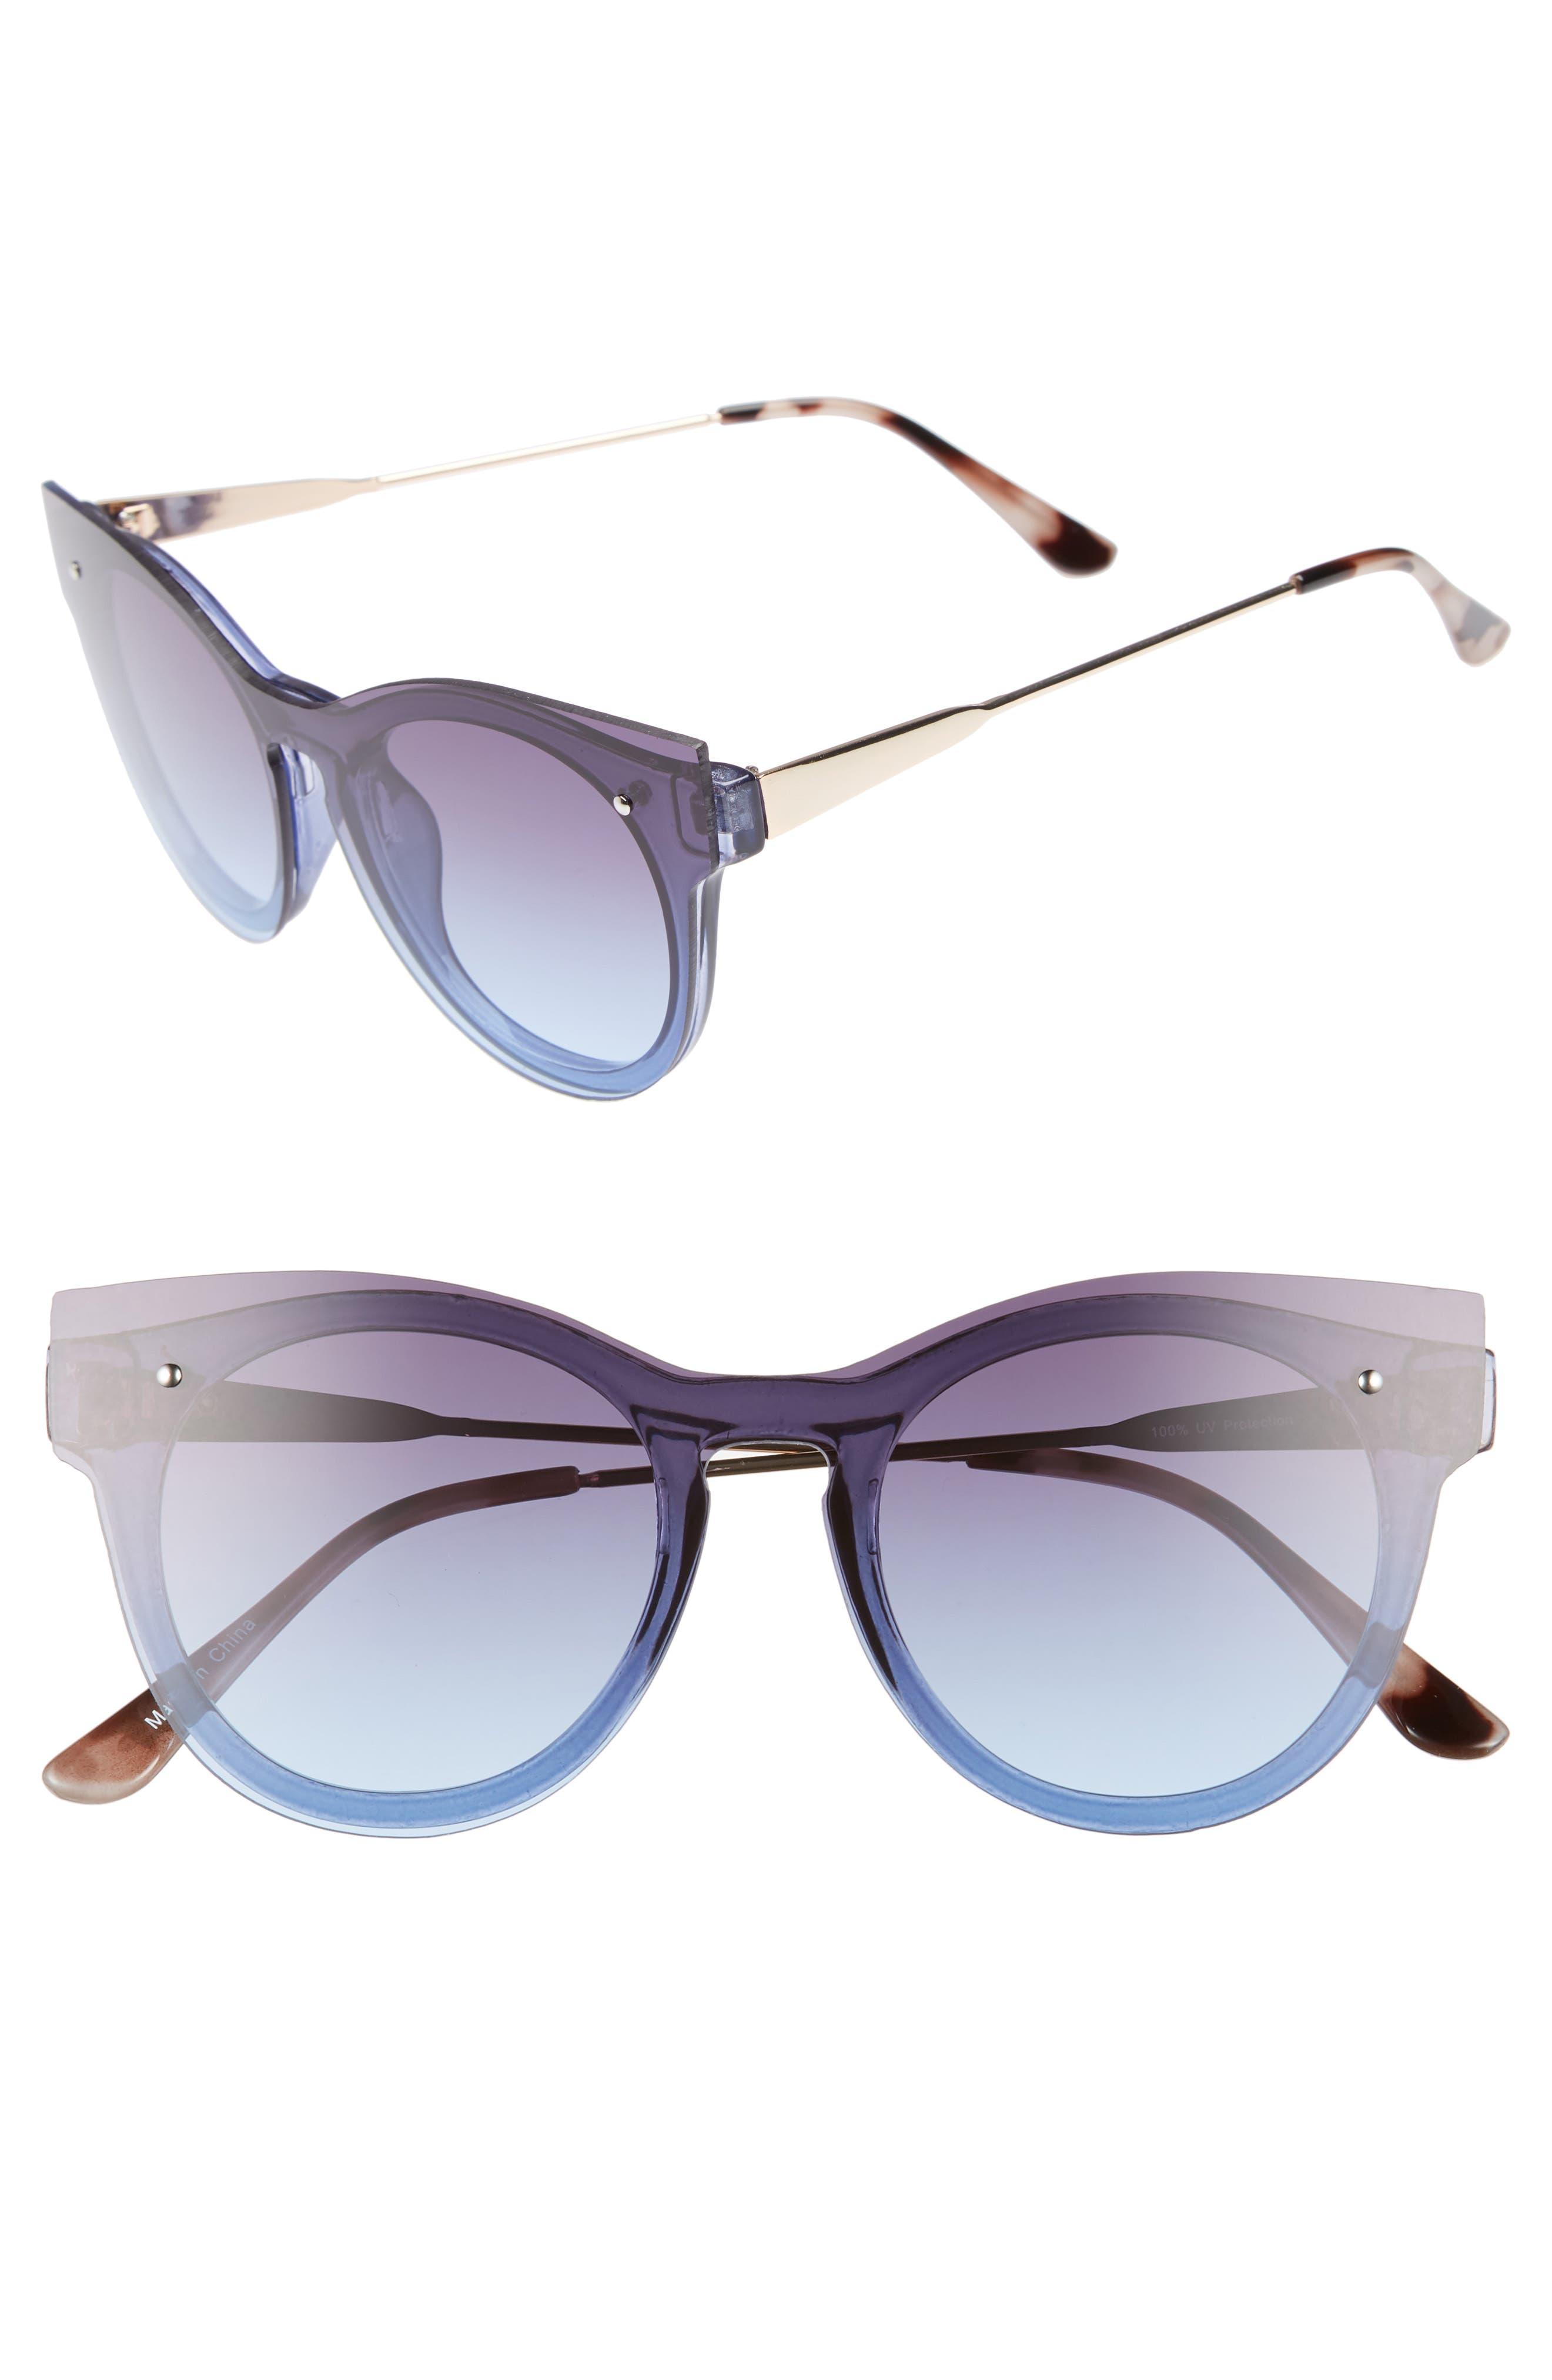 51mm Flat Cat Eye Sunglasses,                         Main,                         color, Gold/ Blue